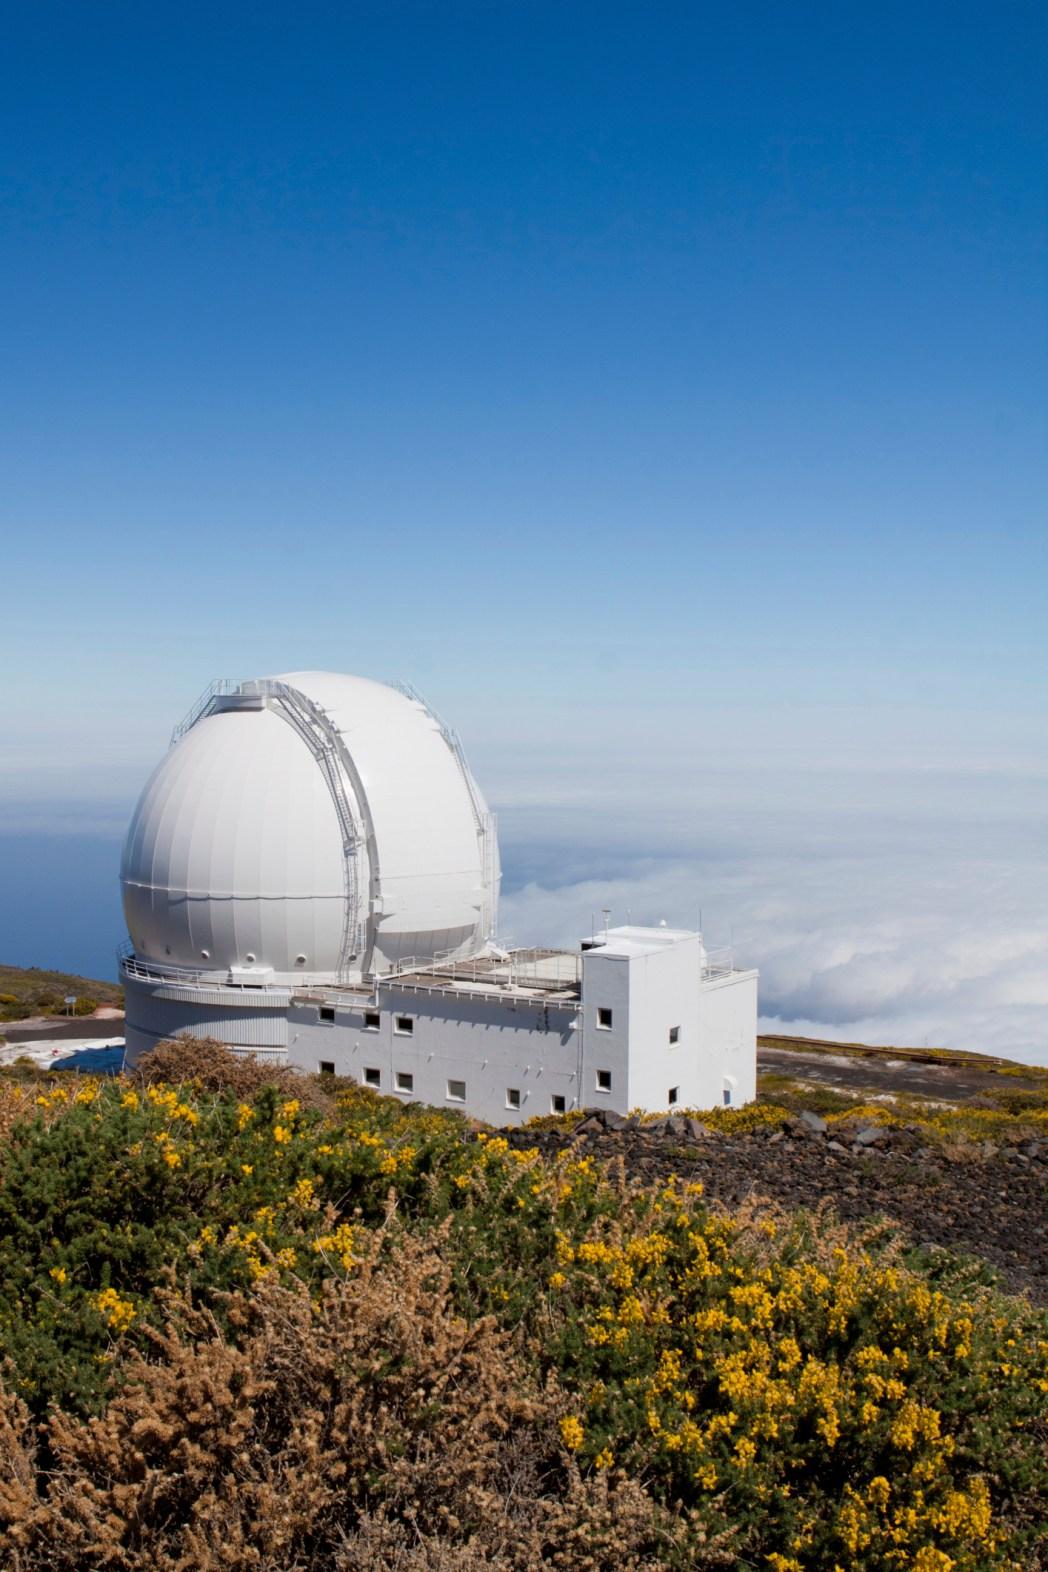 observatorio astronómico del roque de los muchachos en la palma